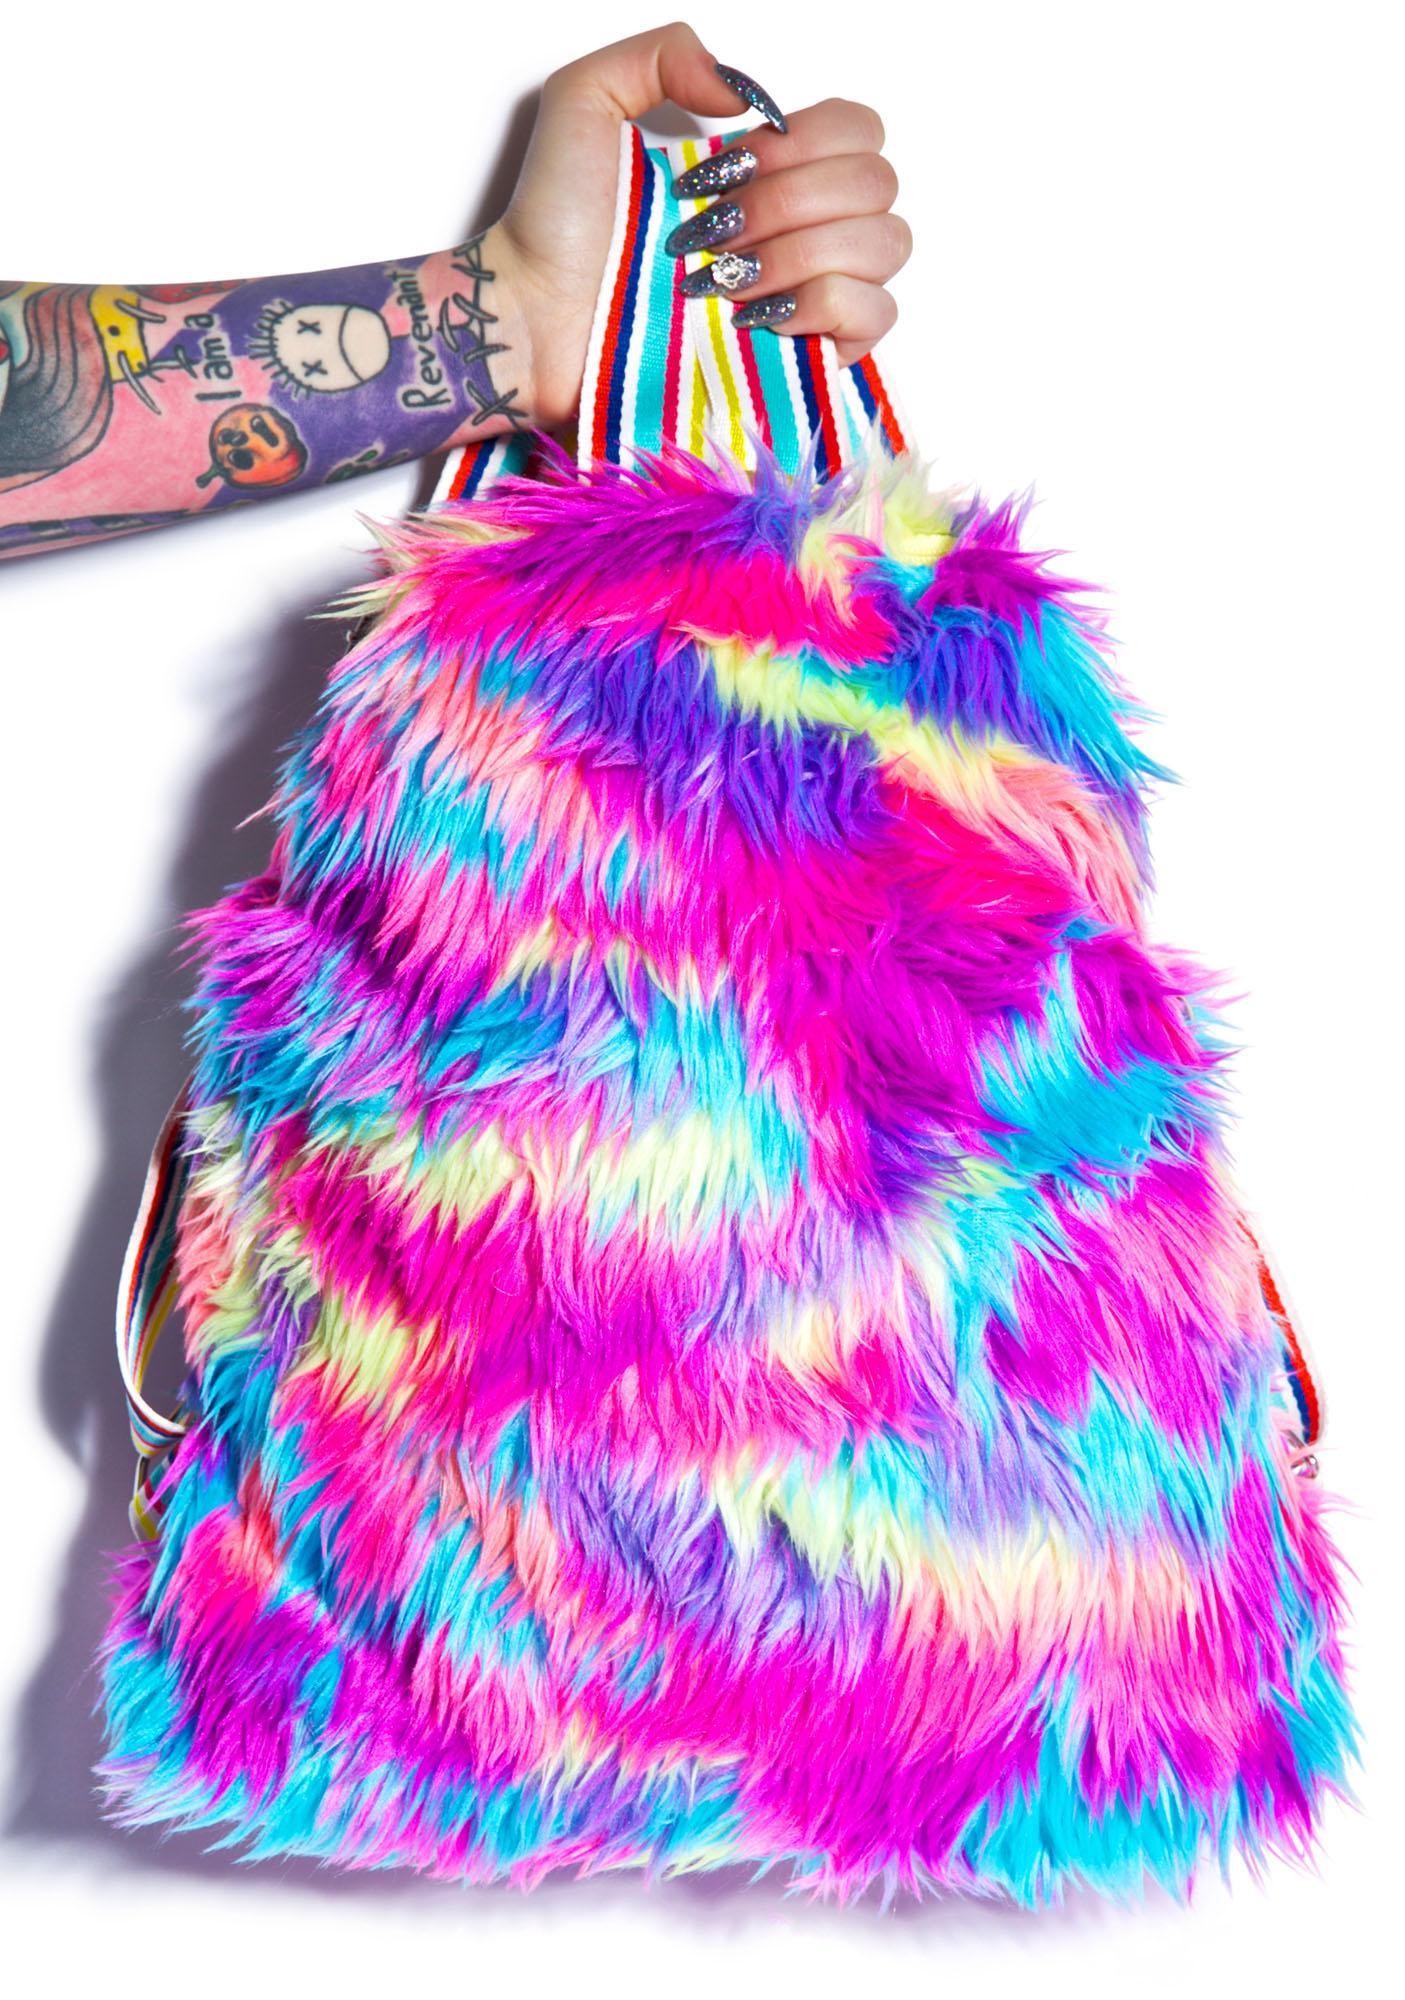 Big Ol' Furry Backpack